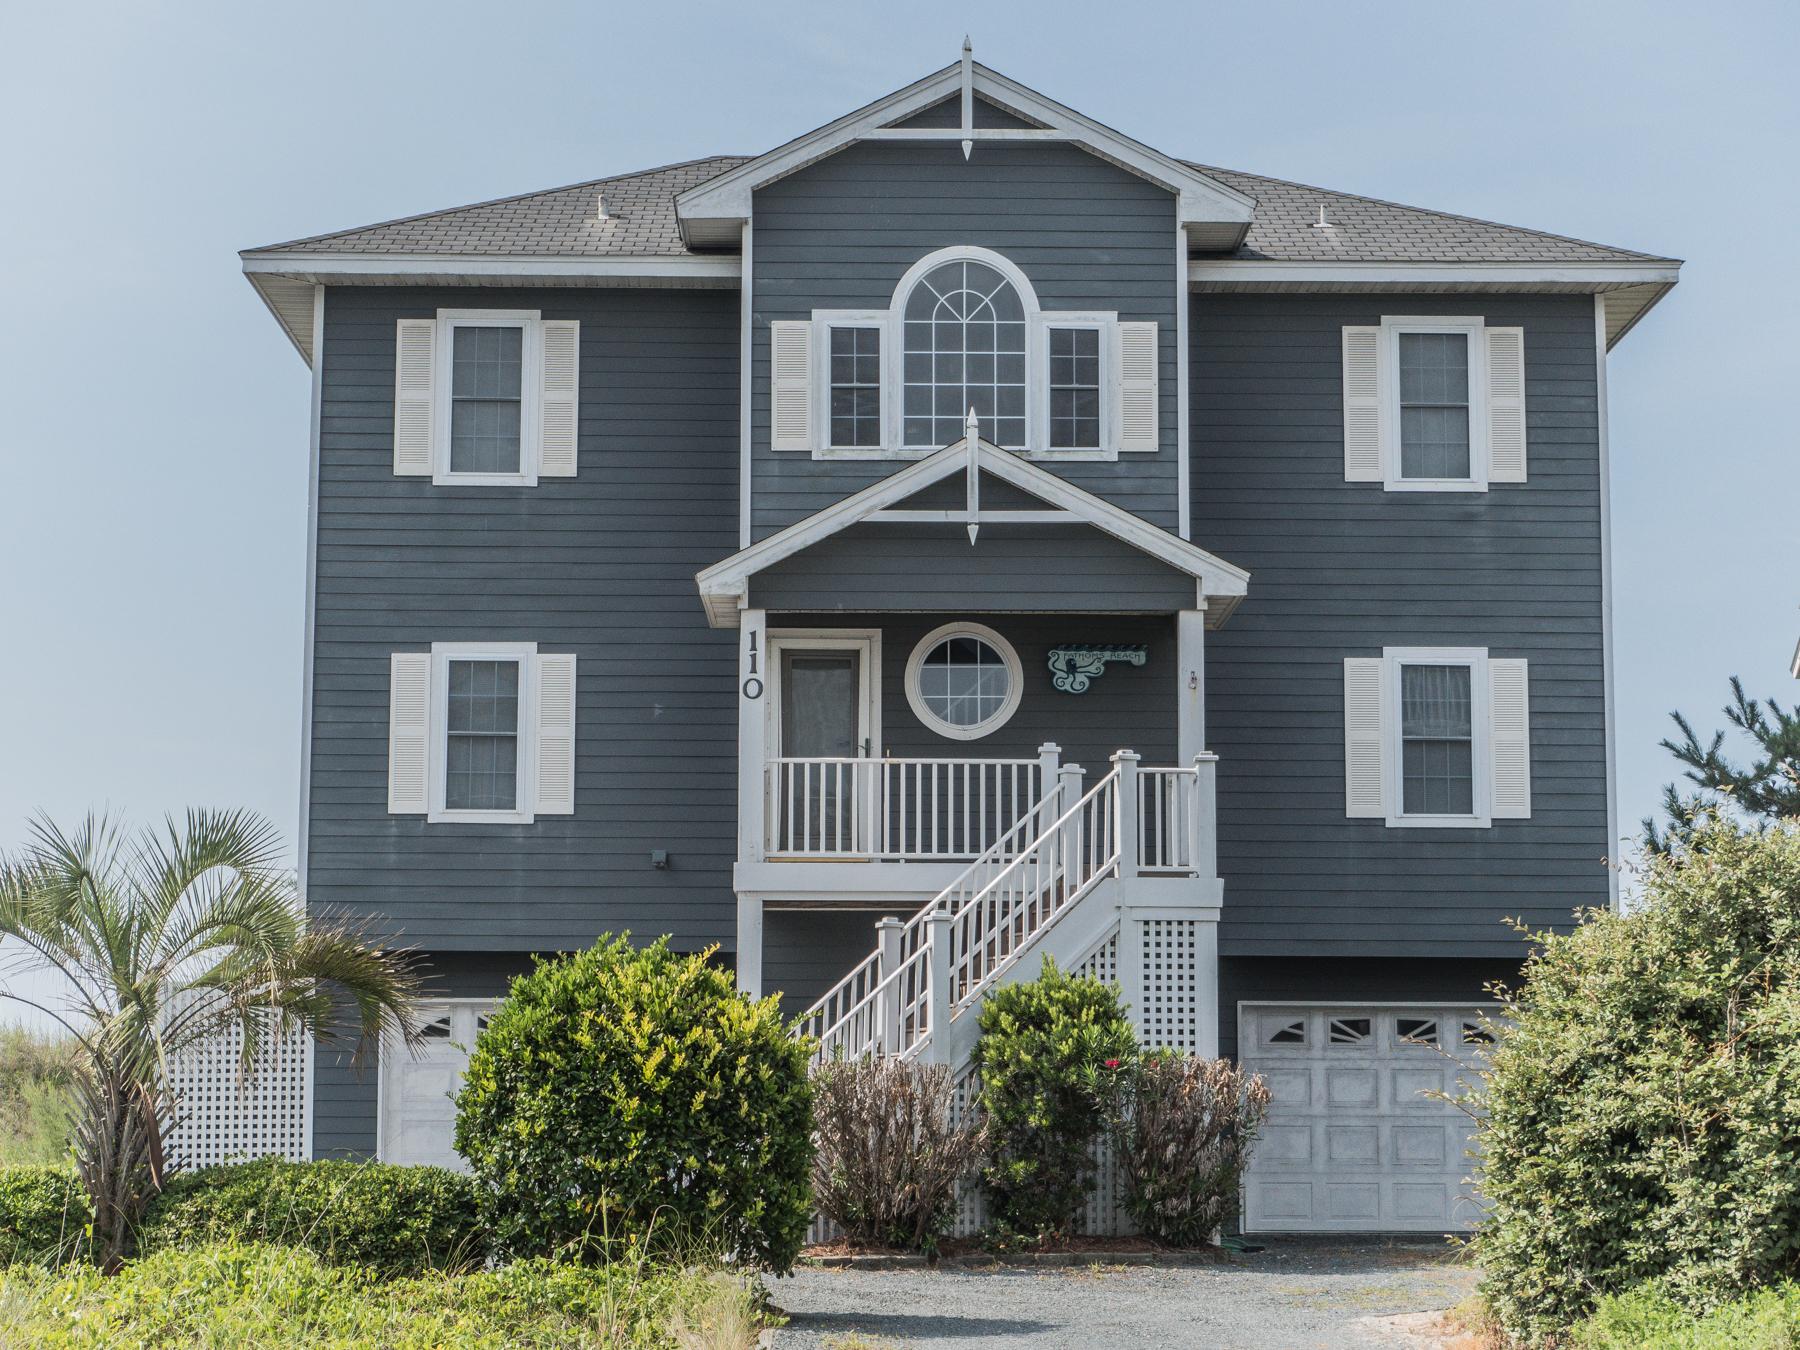 獨棟家庭住宅 為 出售 在 110 North Permuda Wynd Sneads Ferry, 北卡羅來納州 28460 美國